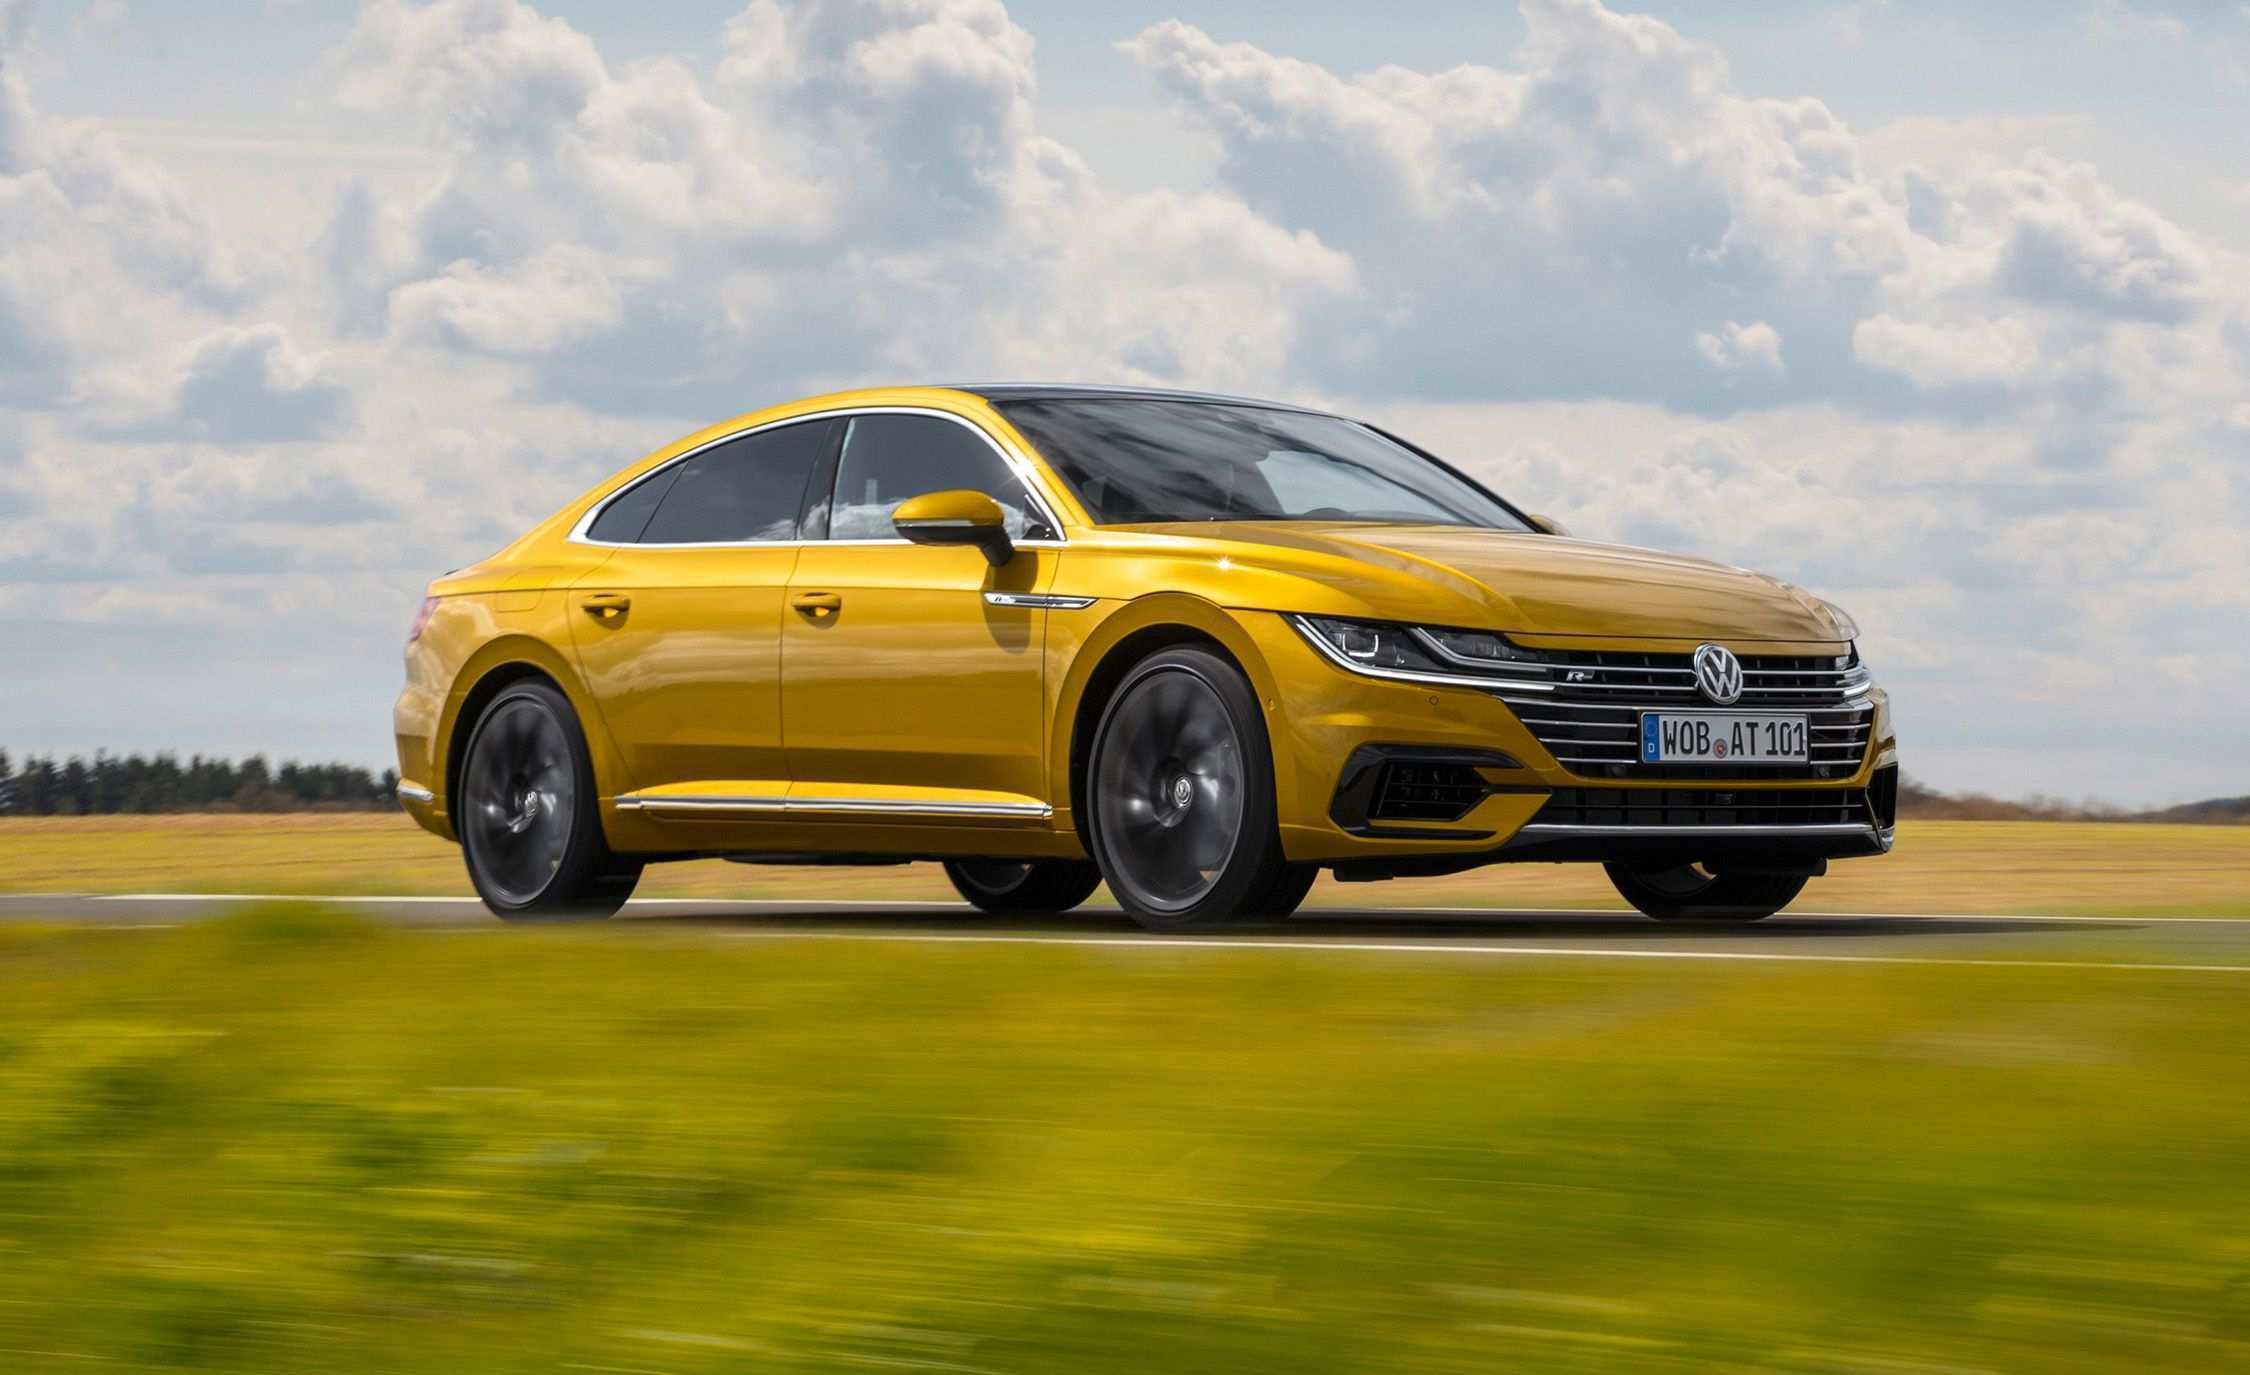 19 The 2019 Volkswagen Arteon Specs Ratings with 2019 Volkswagen Arteon Specs